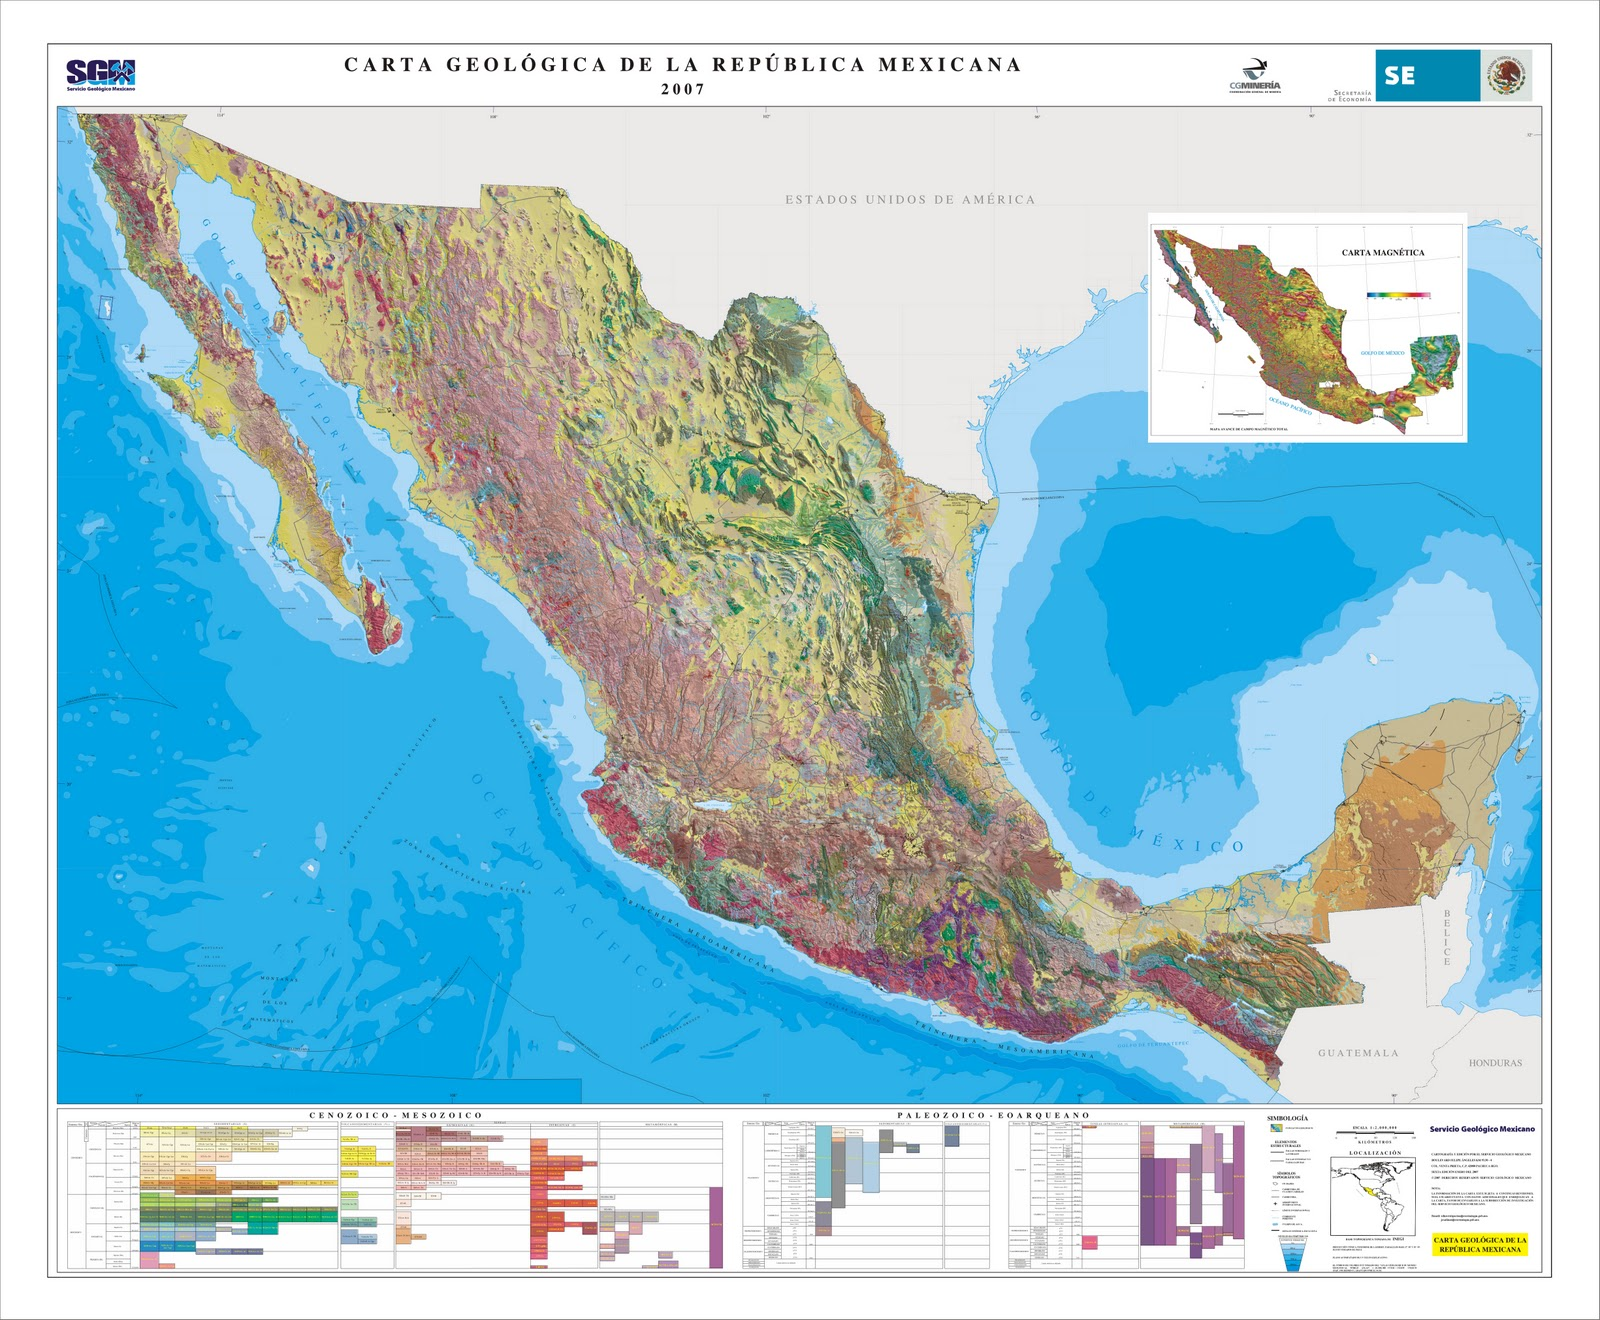 Amiga de guatemala 1 - 2 part 9